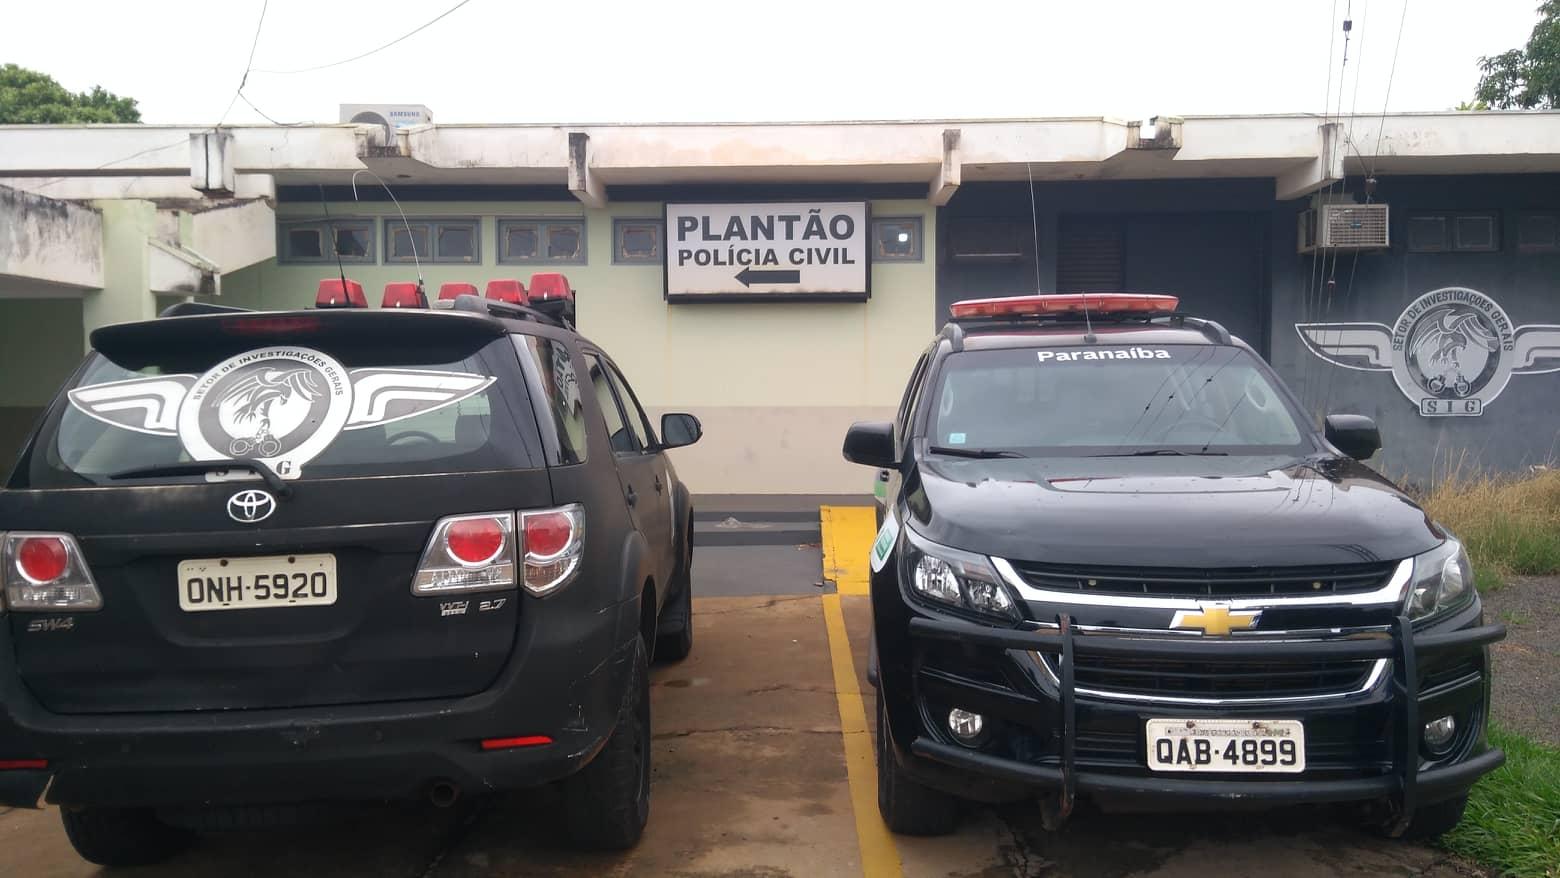 Empresa é invadida pela terceira vez em poucos dias no centro de Paranaíba